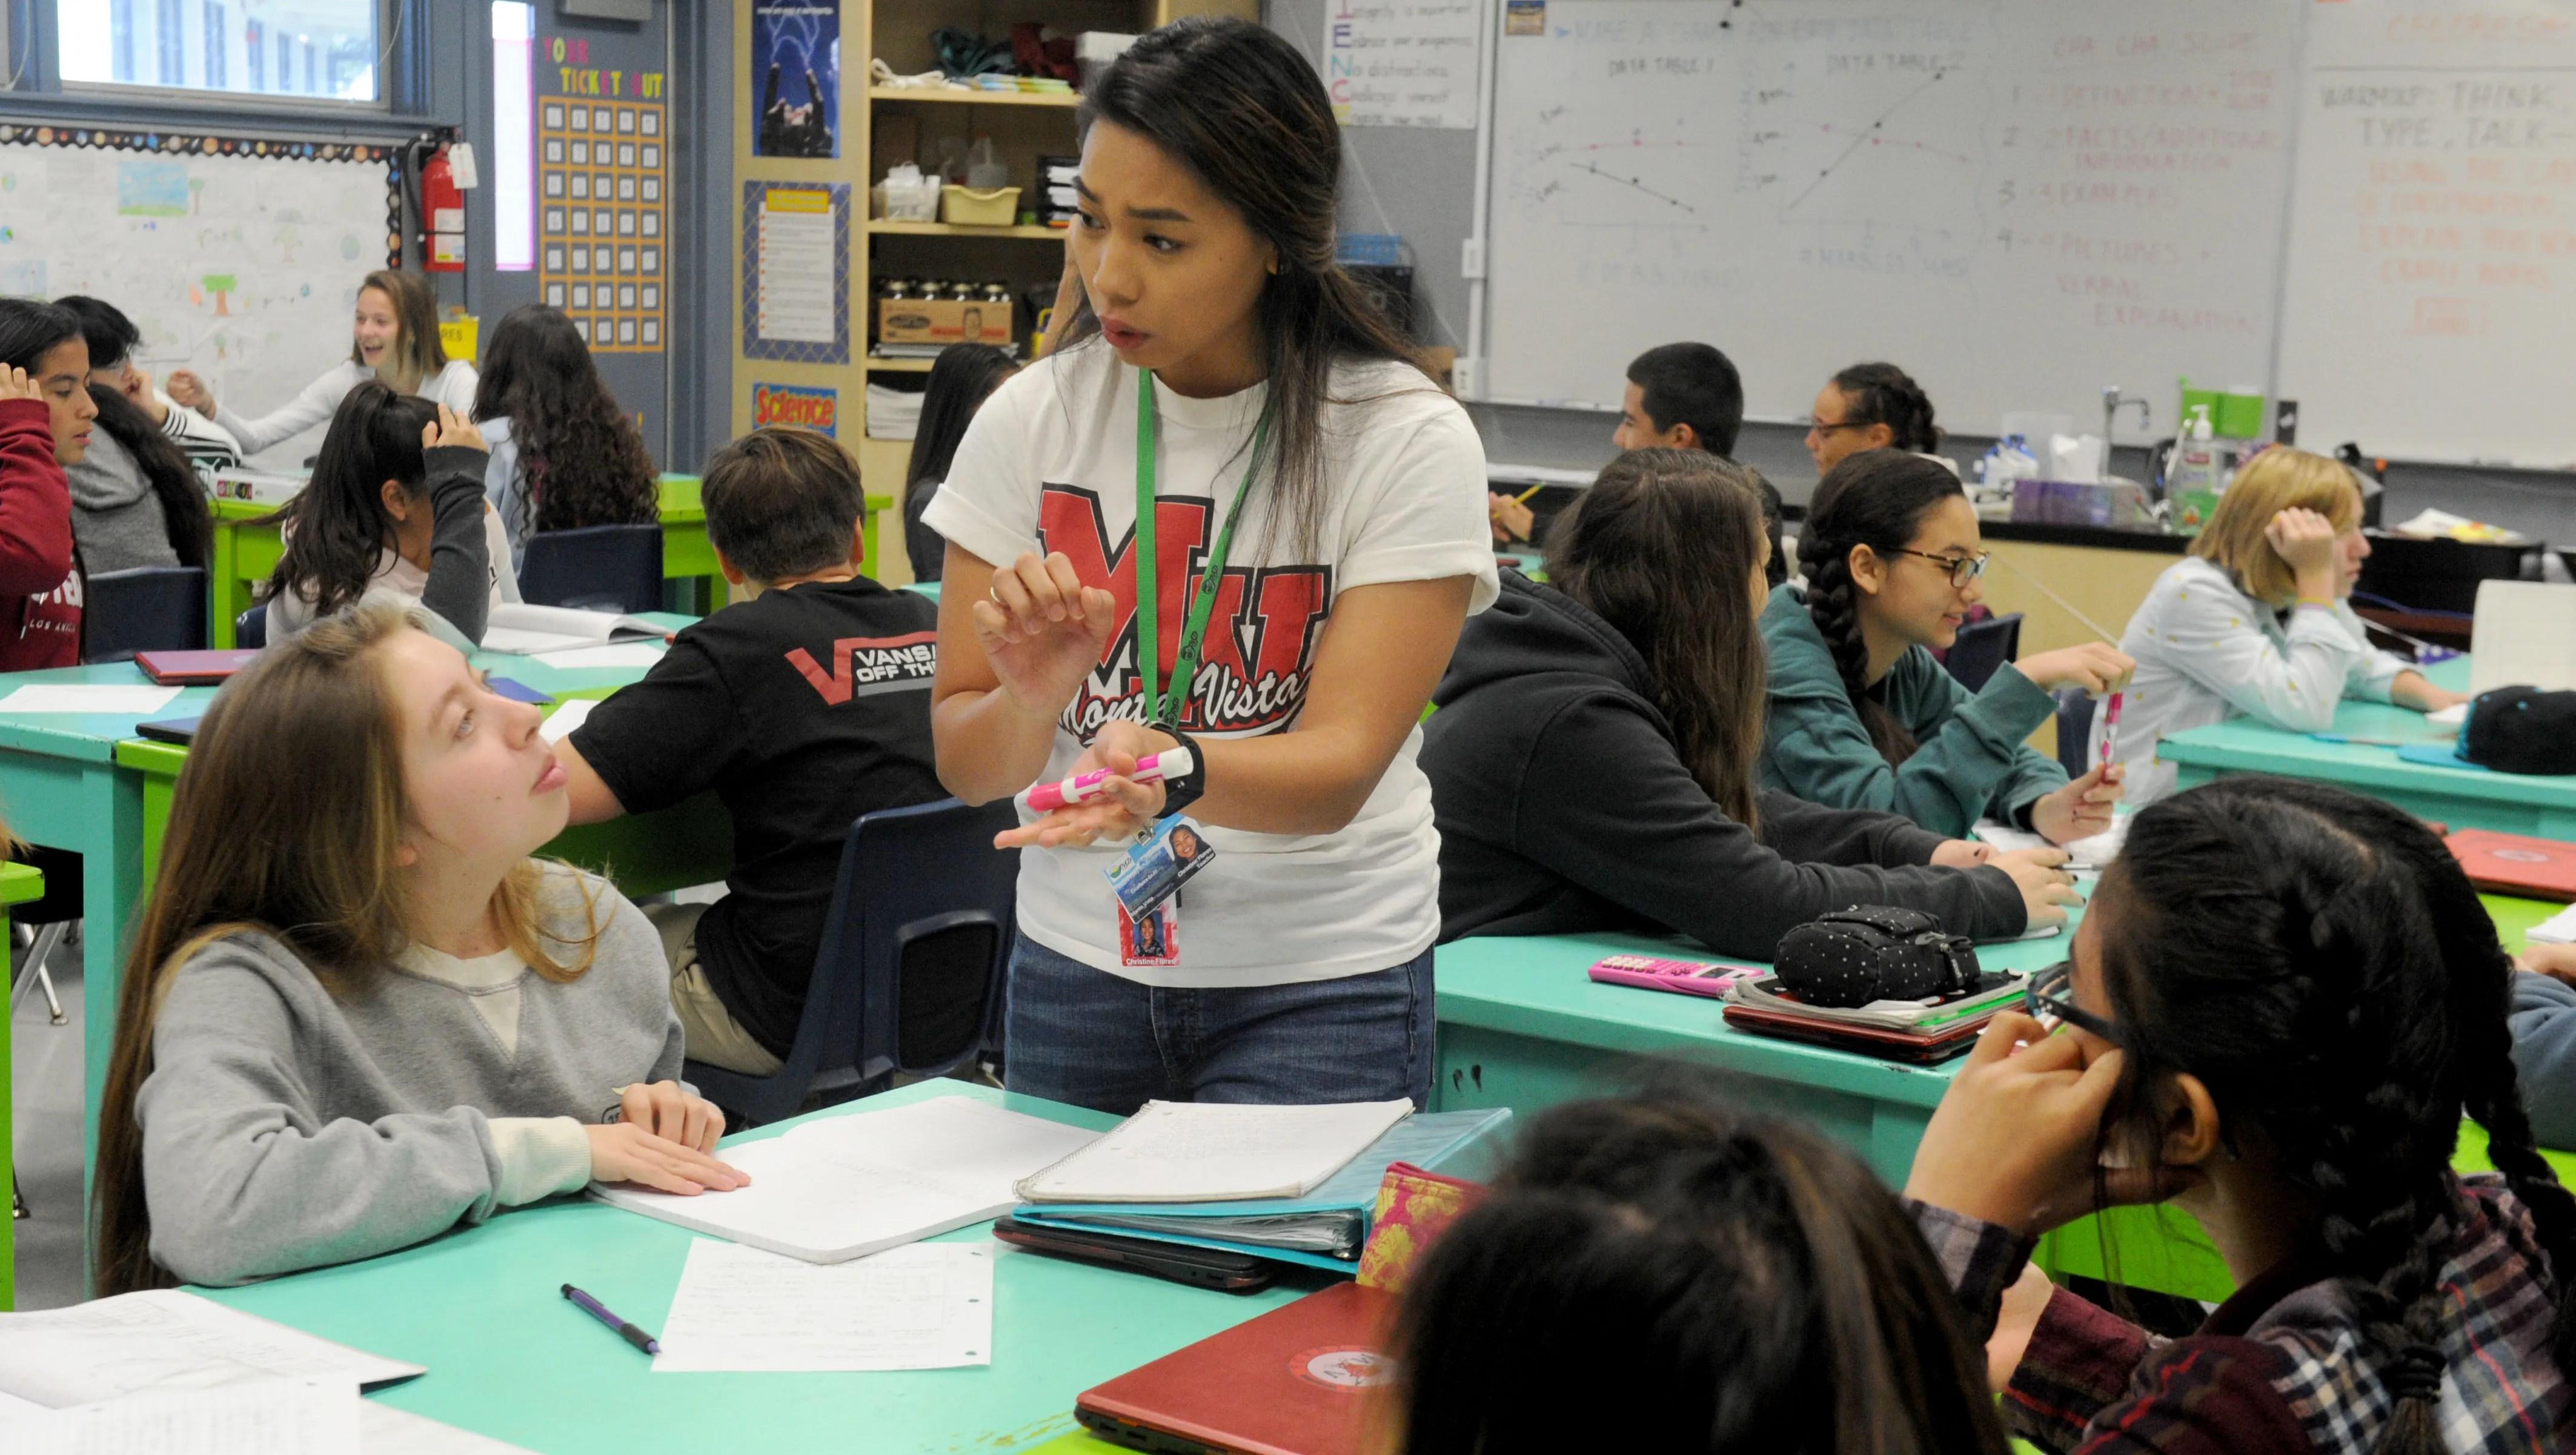 Ventura County Working Combat Teacher Shortage